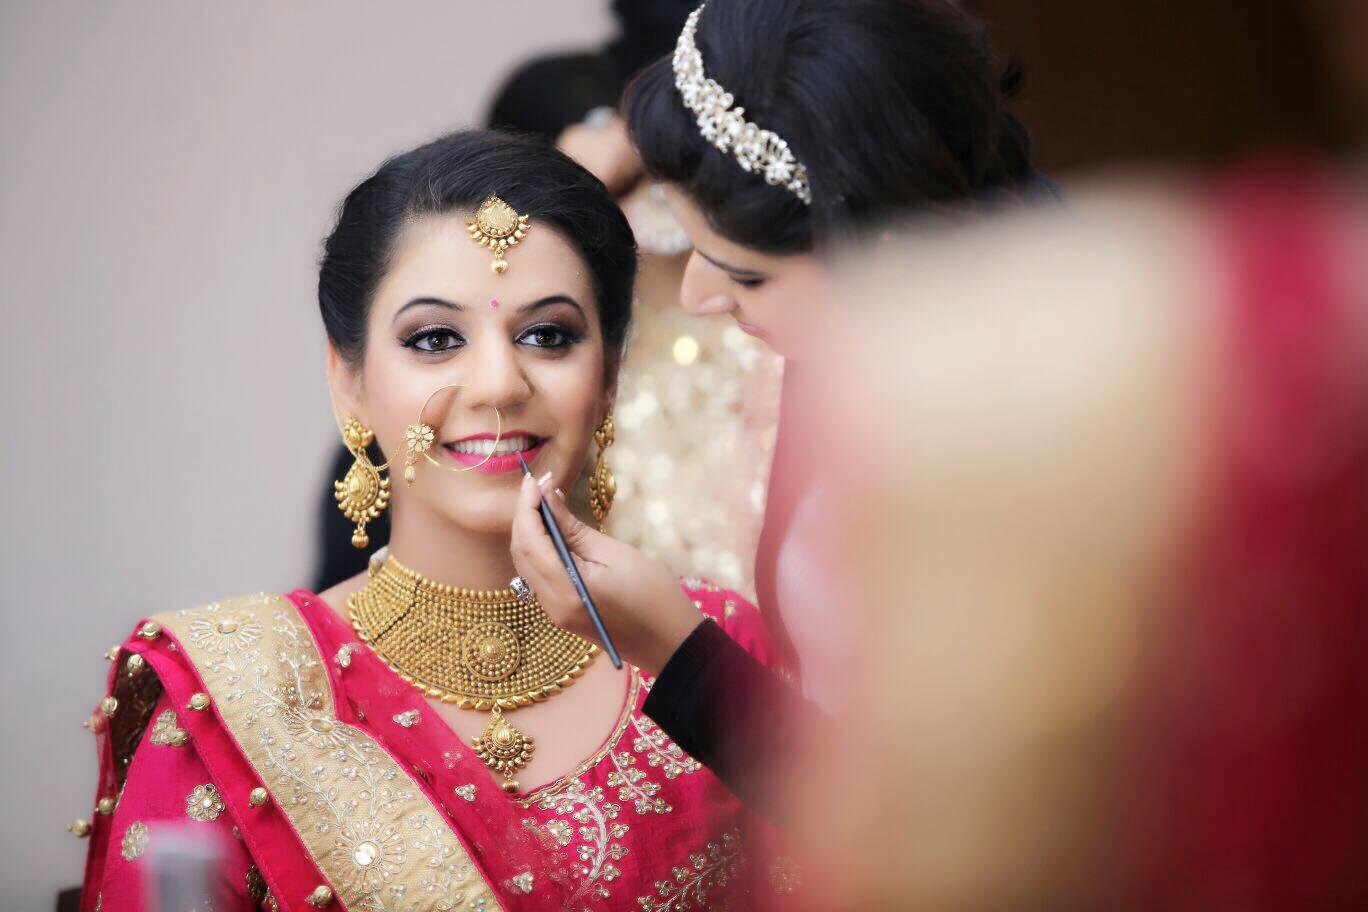 cute bridal makeup | photo gallery - wedandbeyond